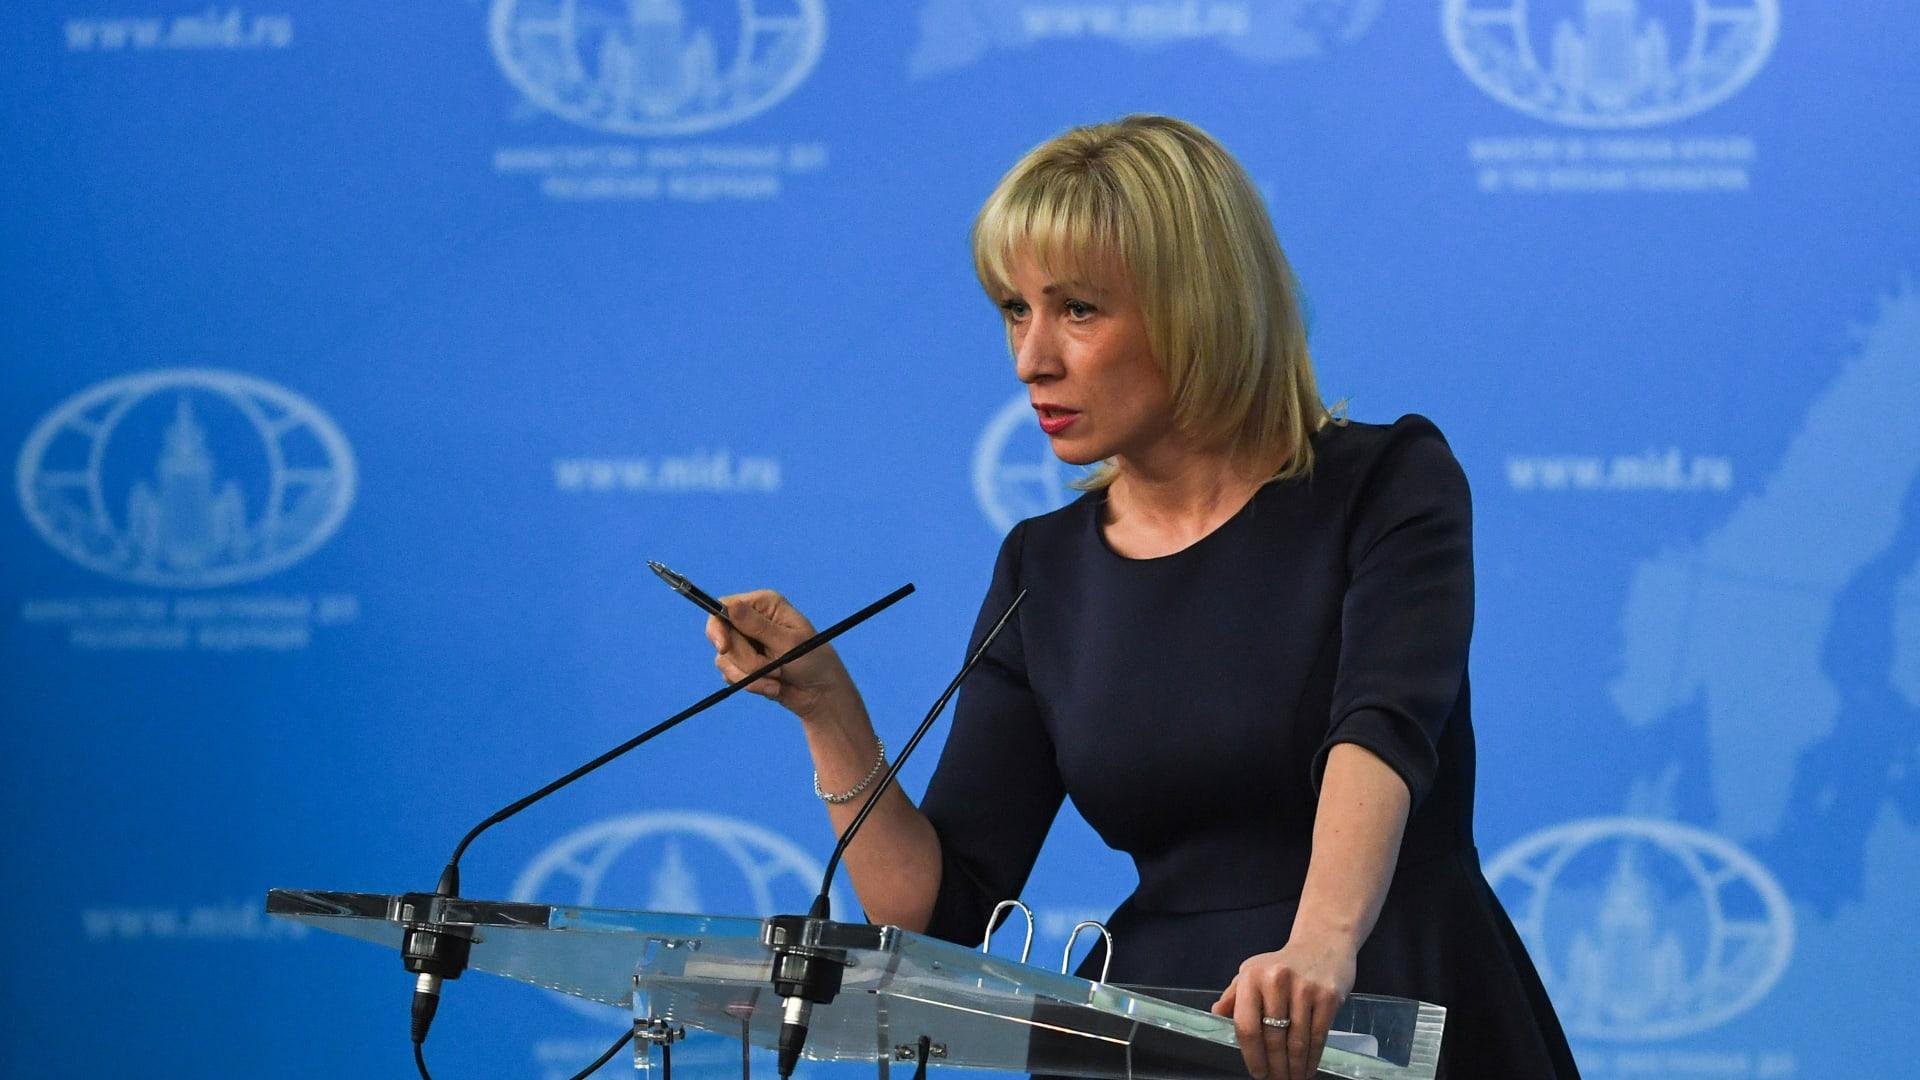 الخارجية الروسية: يجب أن يسيطر النظام السوري على مناطق انتشار القوات الأمريكية بعد الانسحاب